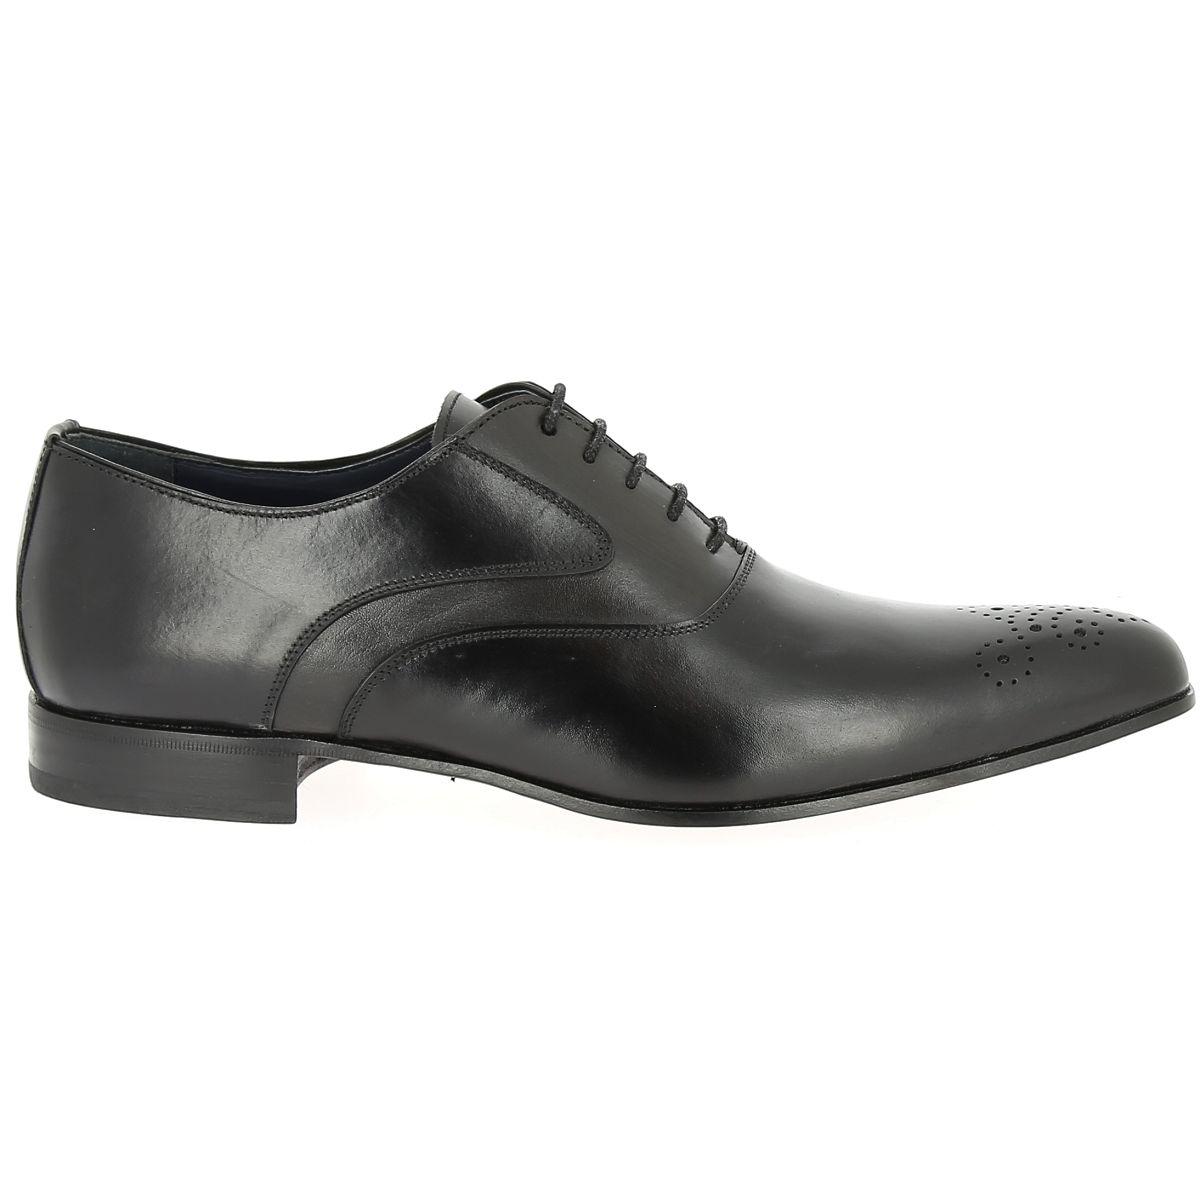 Chaussures à lacets Cuir 3878 171